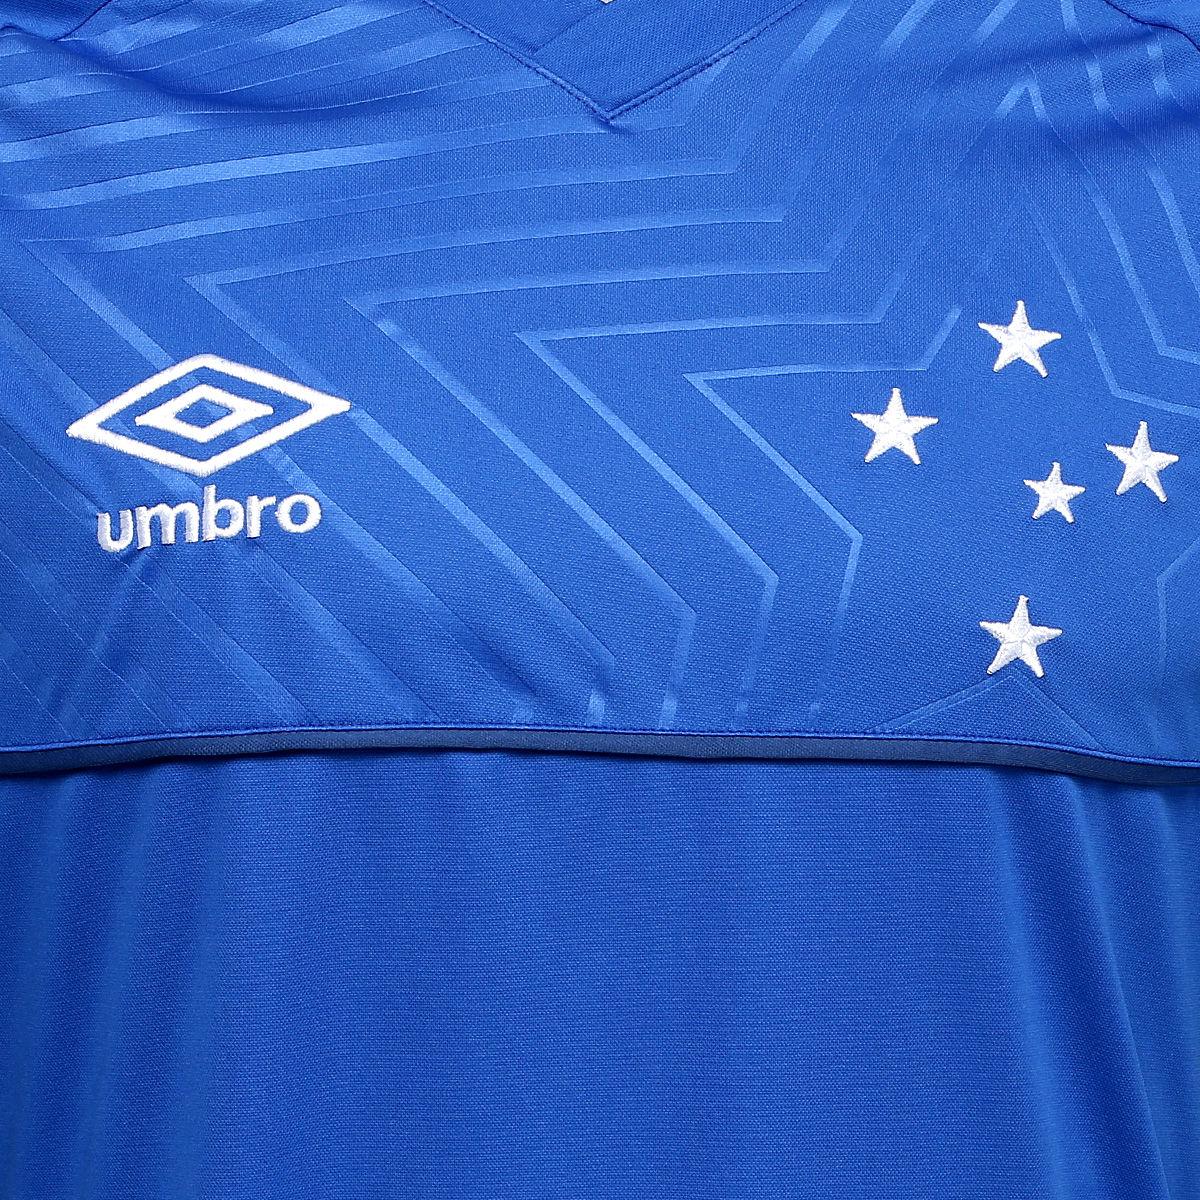 e8cef69dc857a Umbro lança a nova camisa titular do Cruzeiro - Show de Camisas